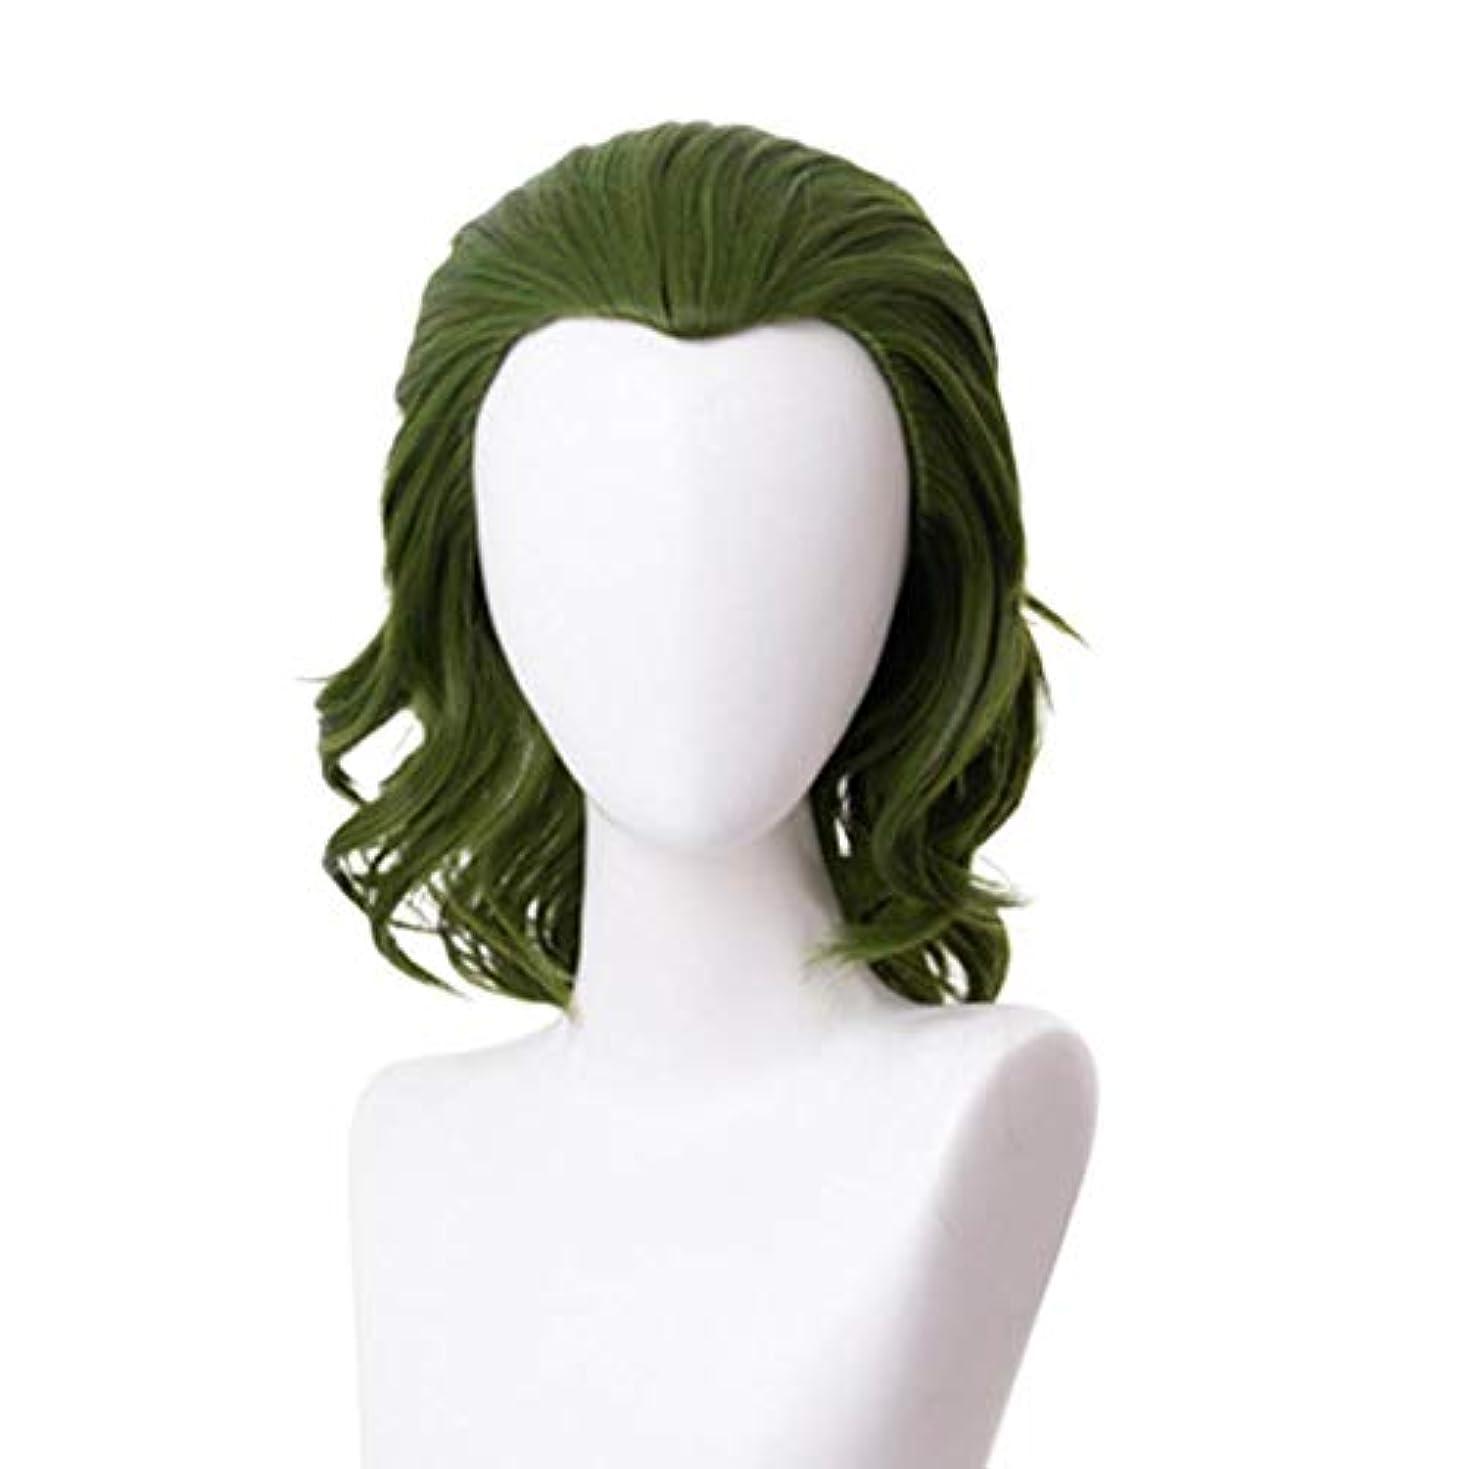 人物メッシュ興奮するBETTER YOU (ベター ュー) ピエロコスウィッグ、美容メイク、メイクウィッグ、高温シルク、抗熱傷、糸くずの出ない、緑